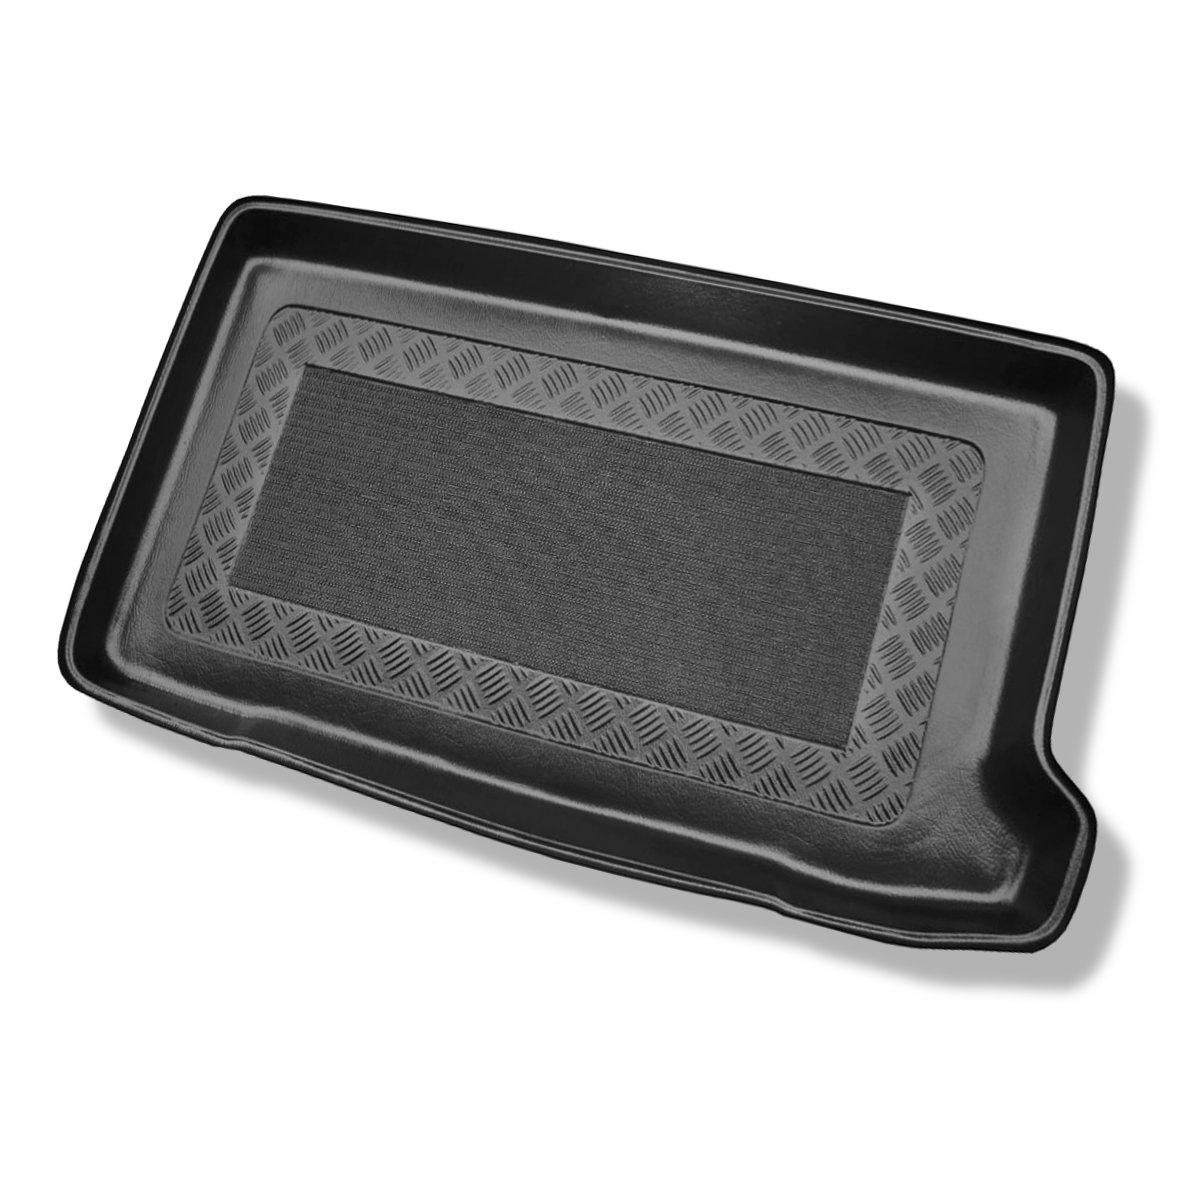 Mossa Tapis de Coffre - Ajustage Parfait - Excellente qualité - Inodore - 5902538566971